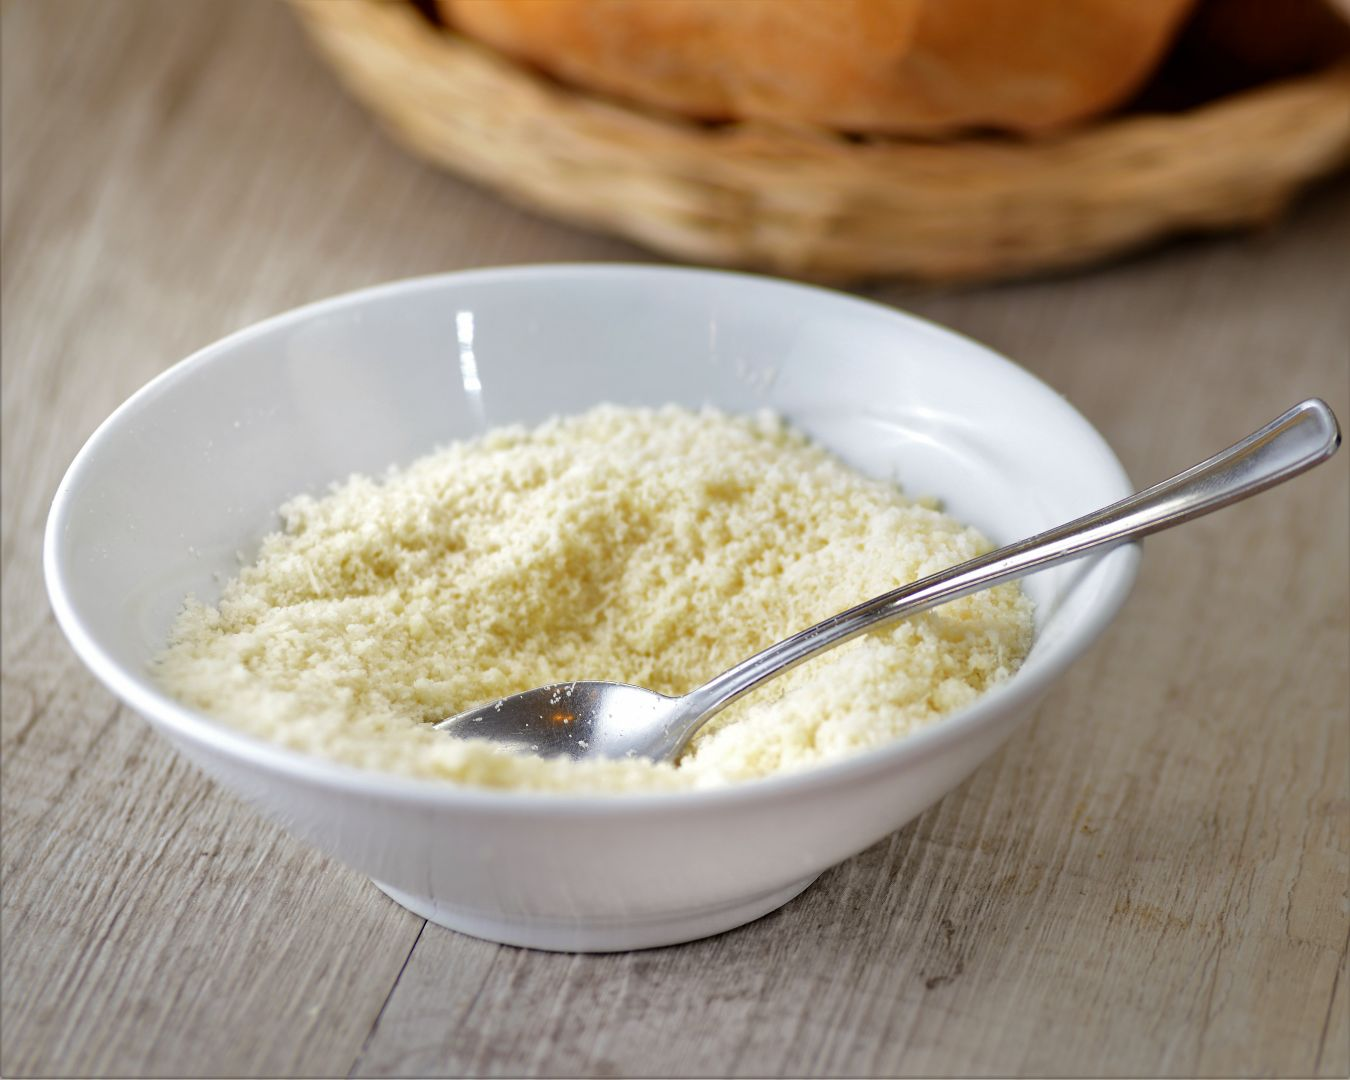 Servimos el arroz con parmesano extra